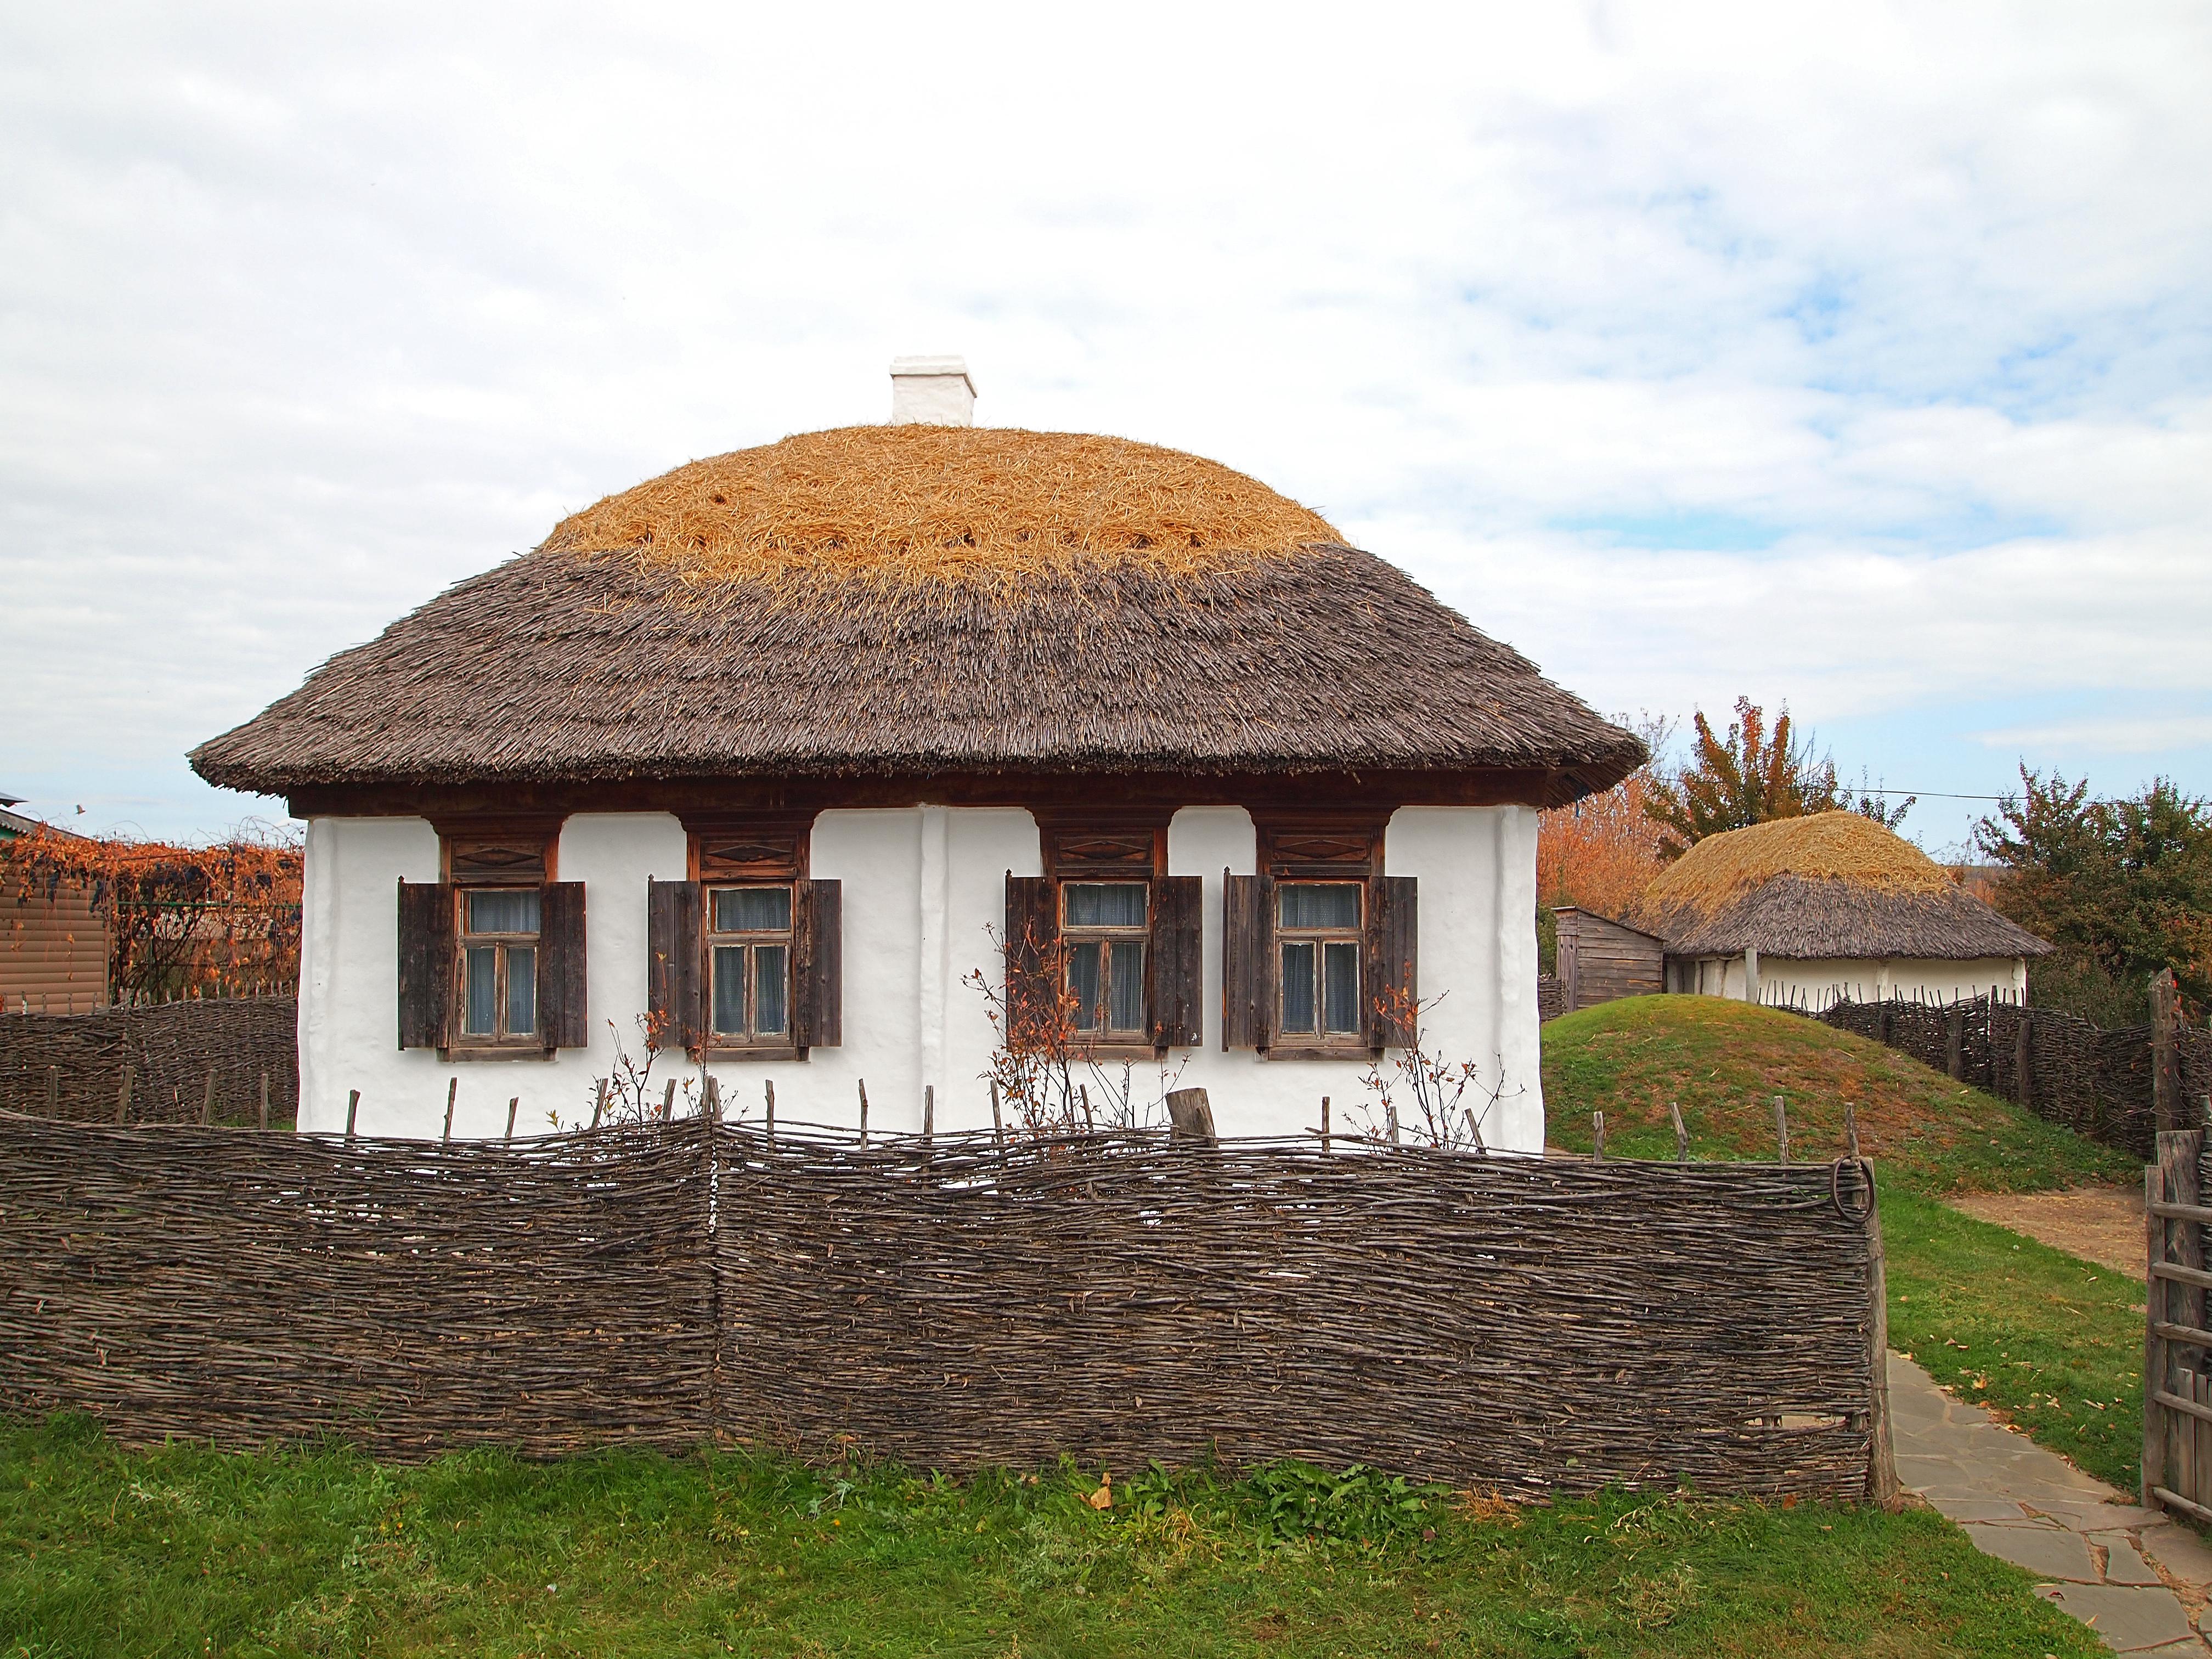 казачий дом картинка был наслышан творческой